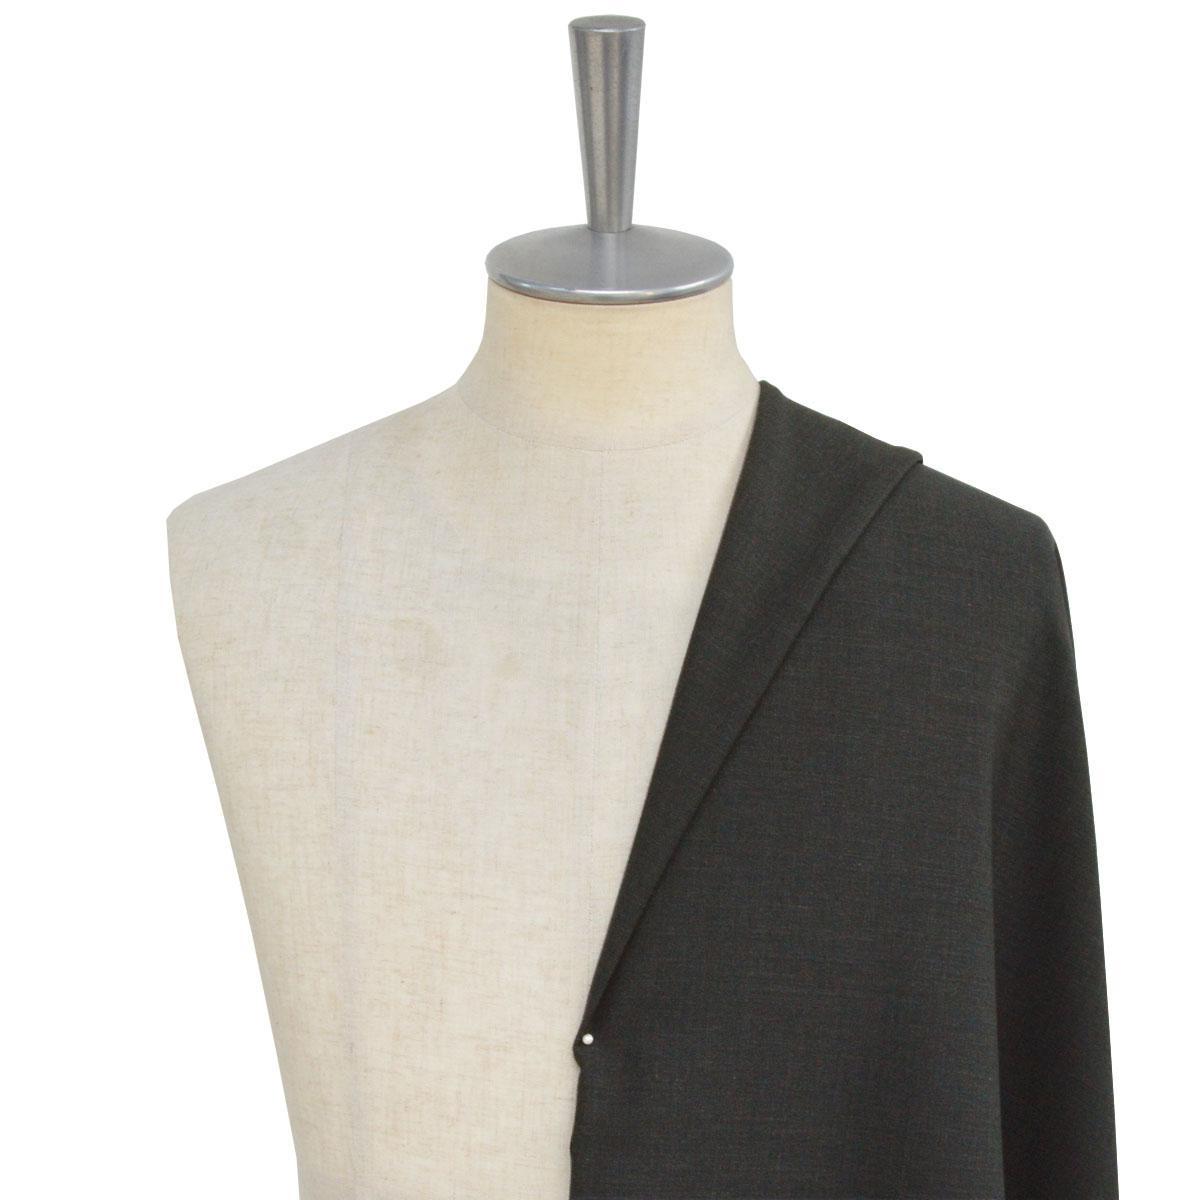 [オーダーレディーススーツ パンツセット]着心地抜群のスーツで、個性が輝る!